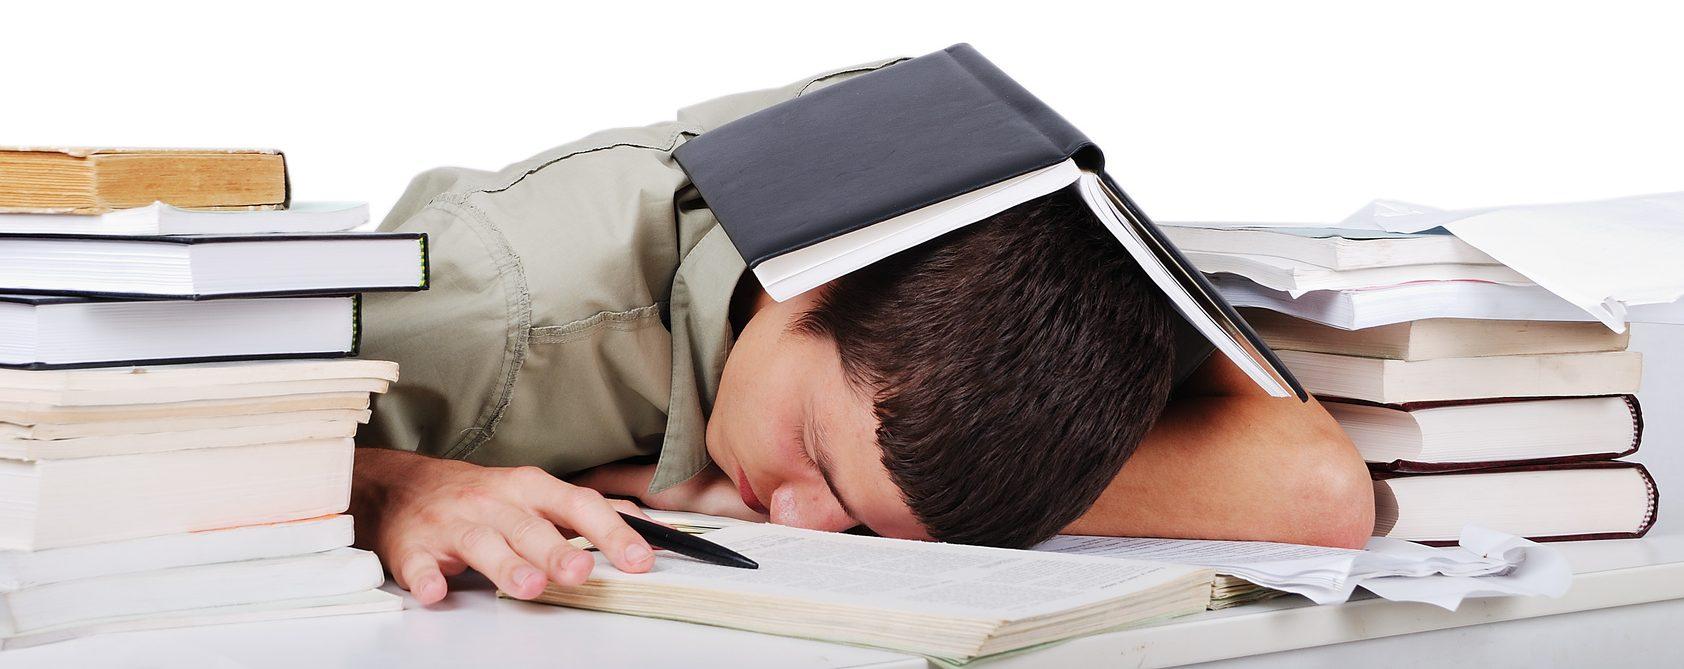 Young man fallen asleep after long reading